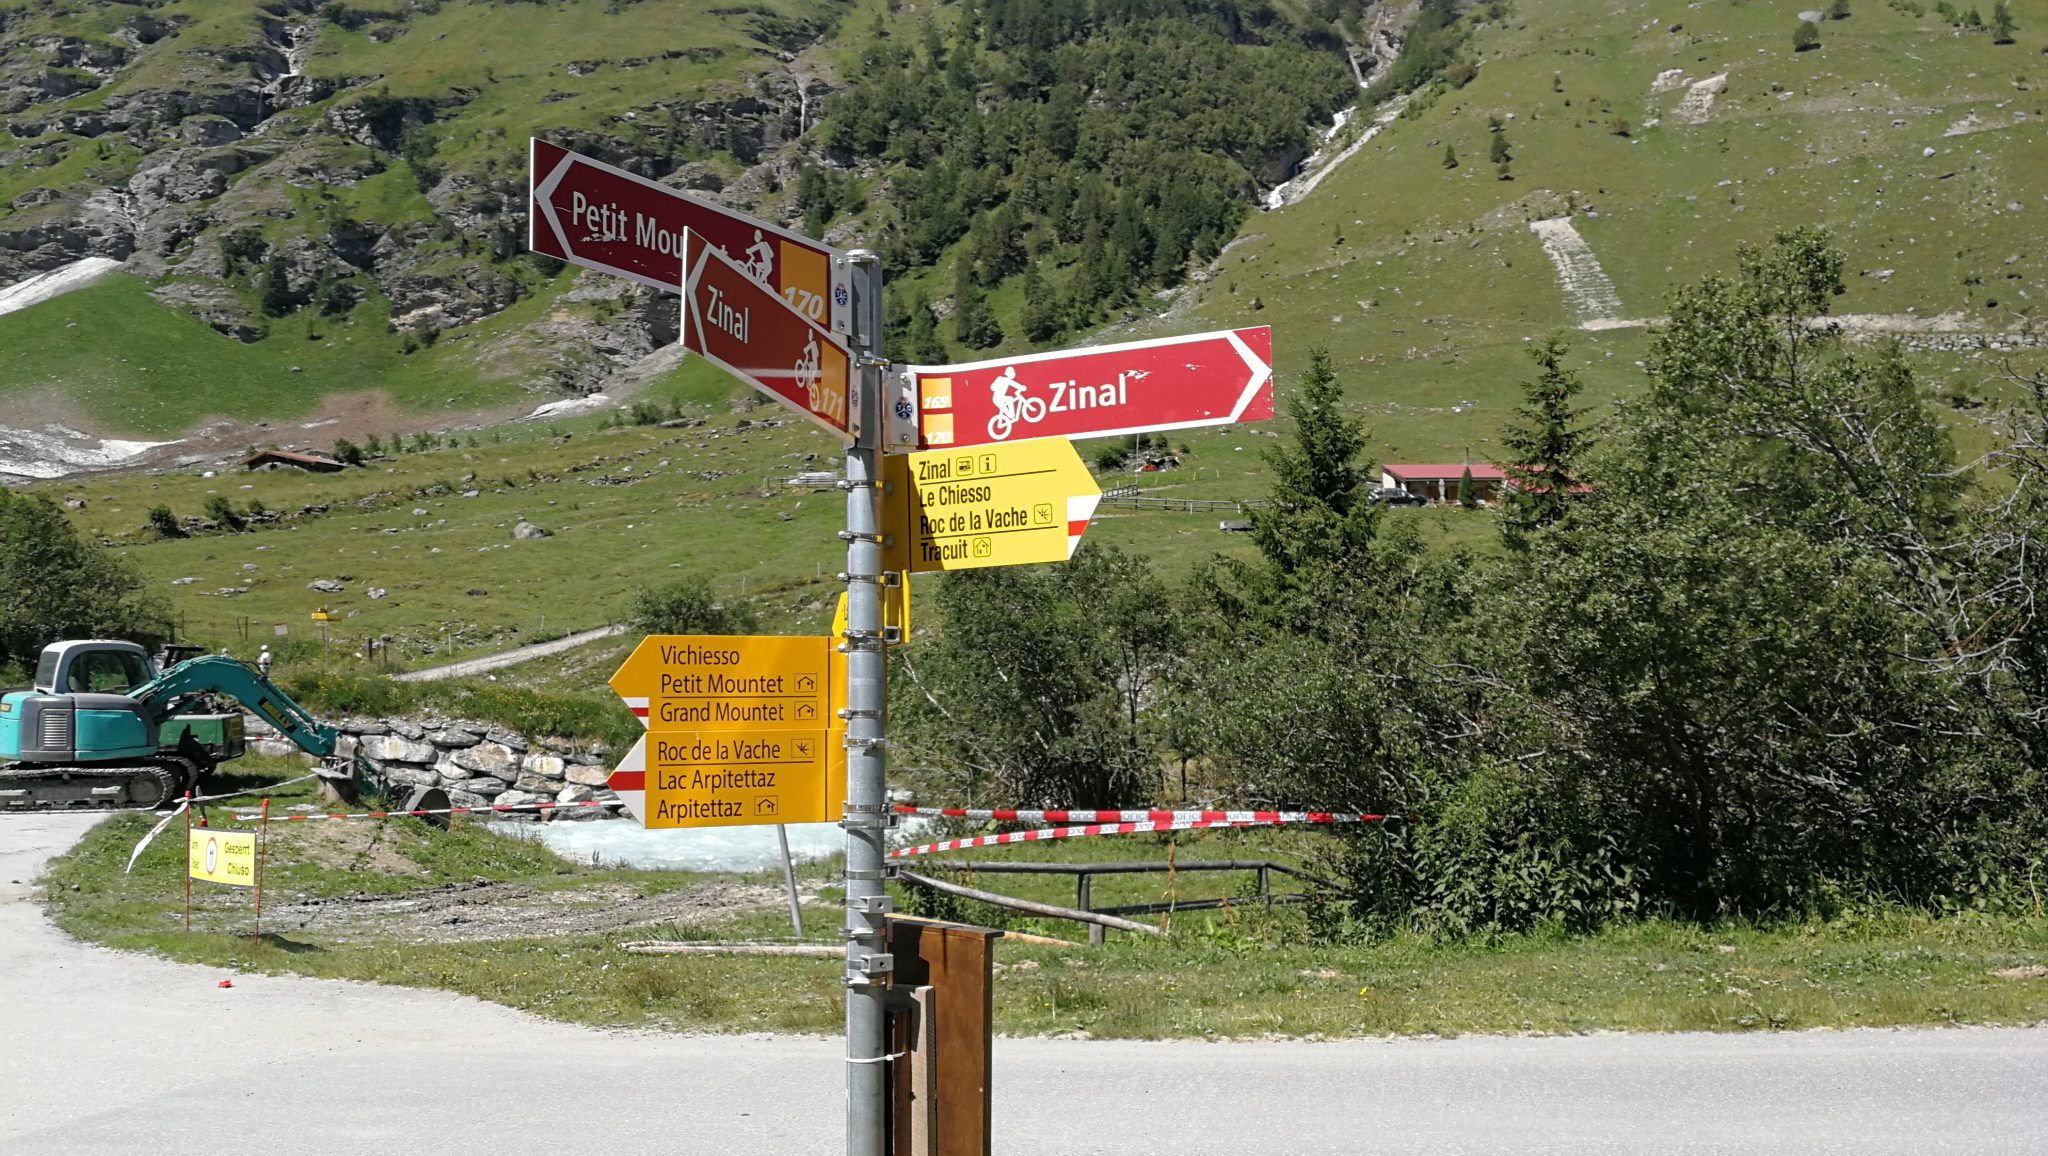 Szlaki turystyczne i rowerowe w dolinie Zinal